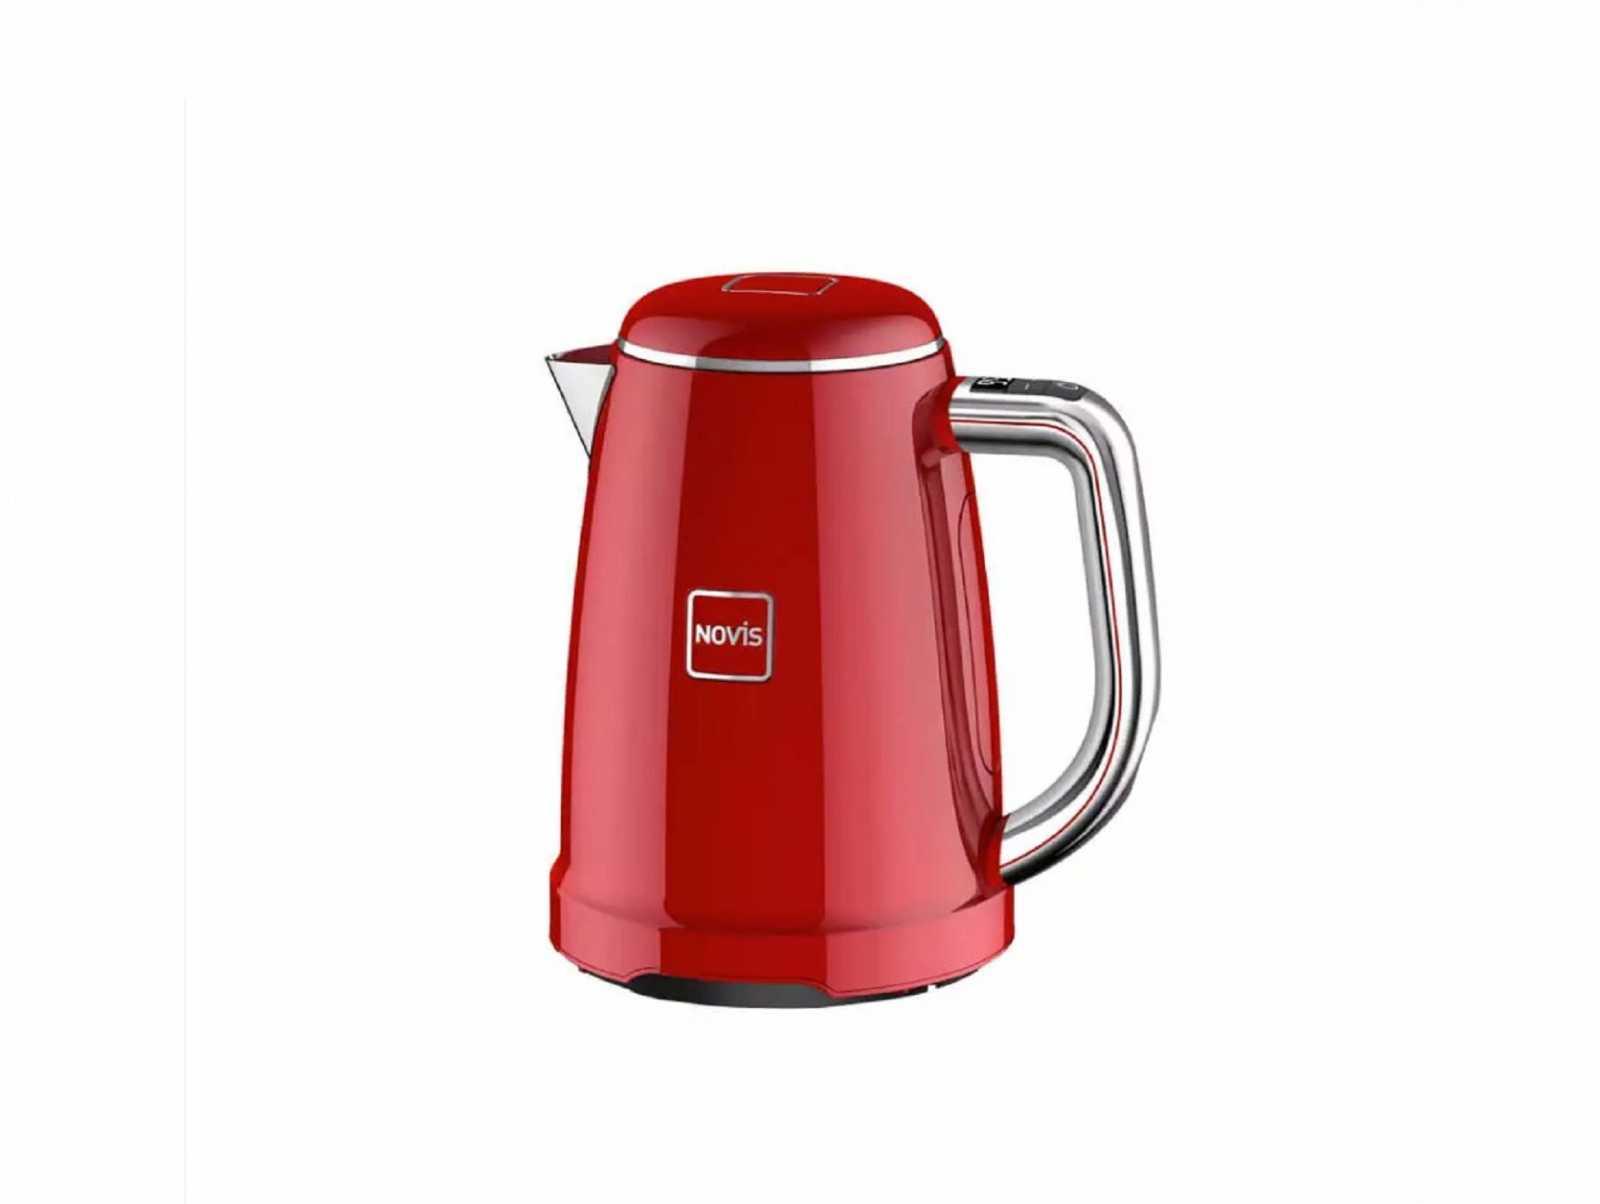 Онлайн каталог PROMENU: Чайник электрический с регулировкой температуры кипения Novis Kettle KTC1, объем 1,7 л, красный                               6114.02.20